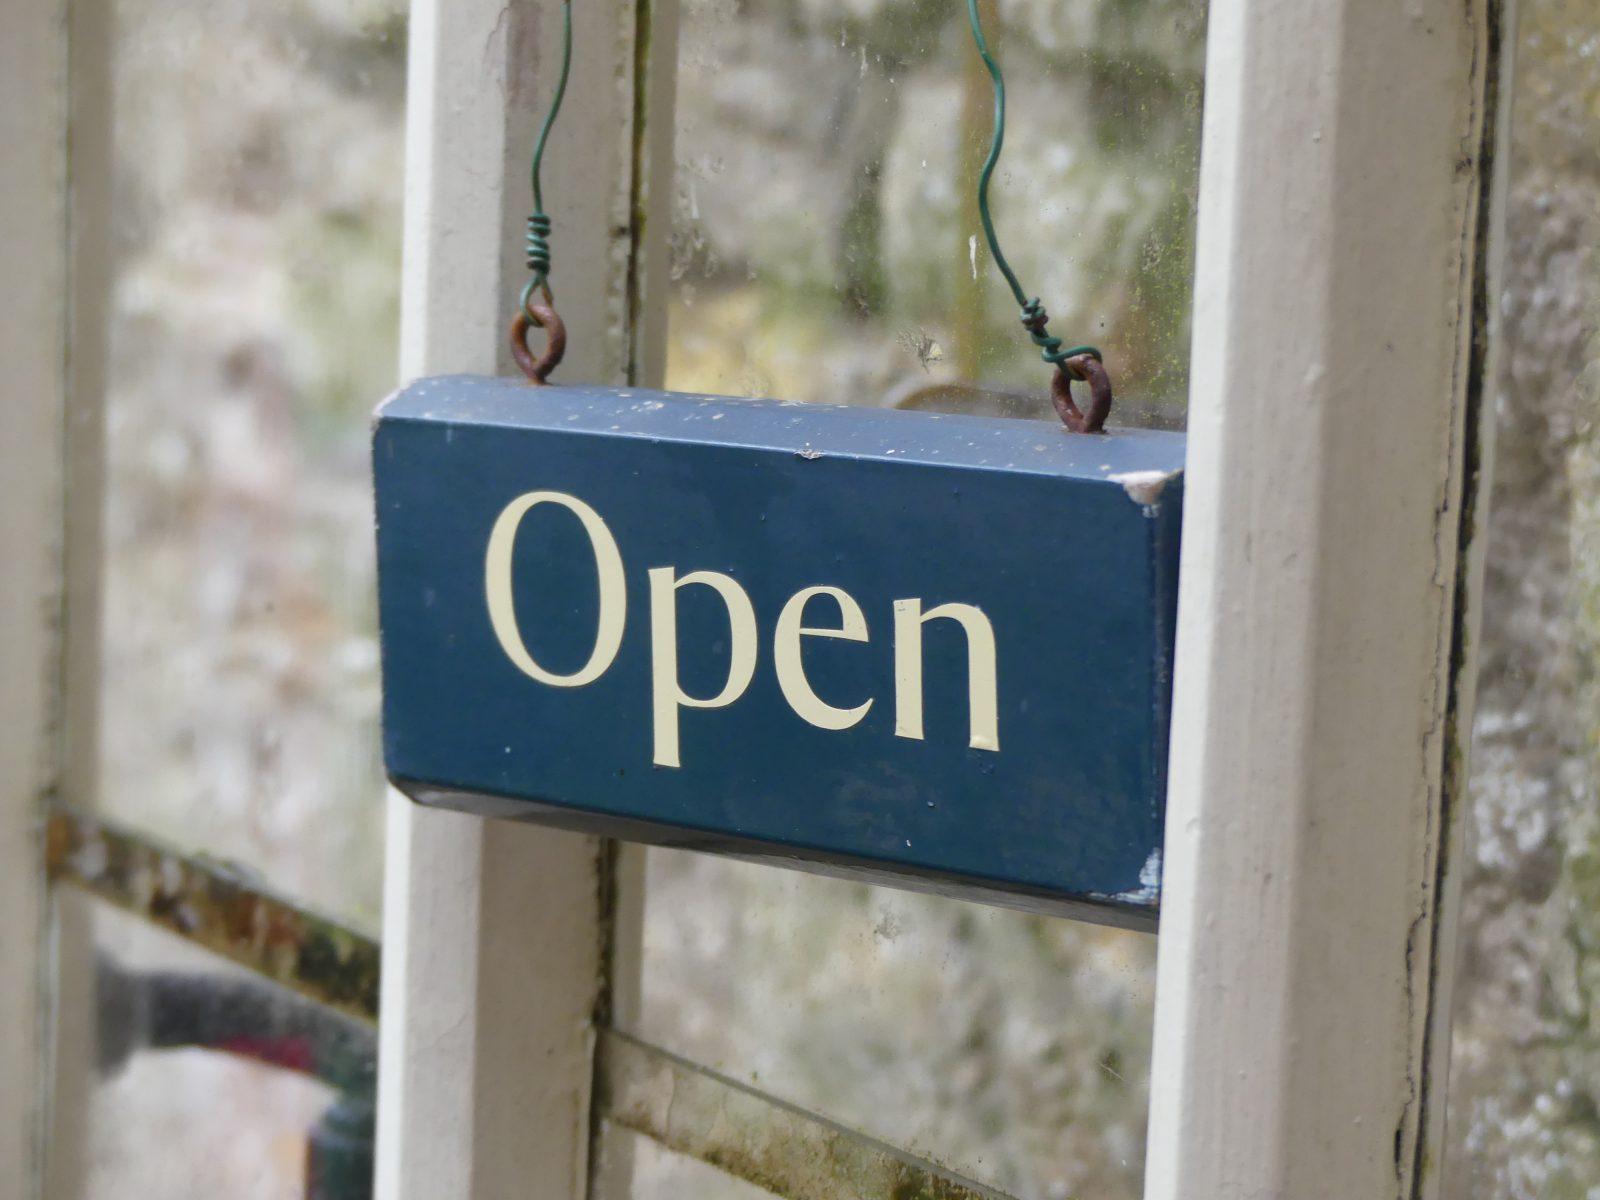 Open_WN17